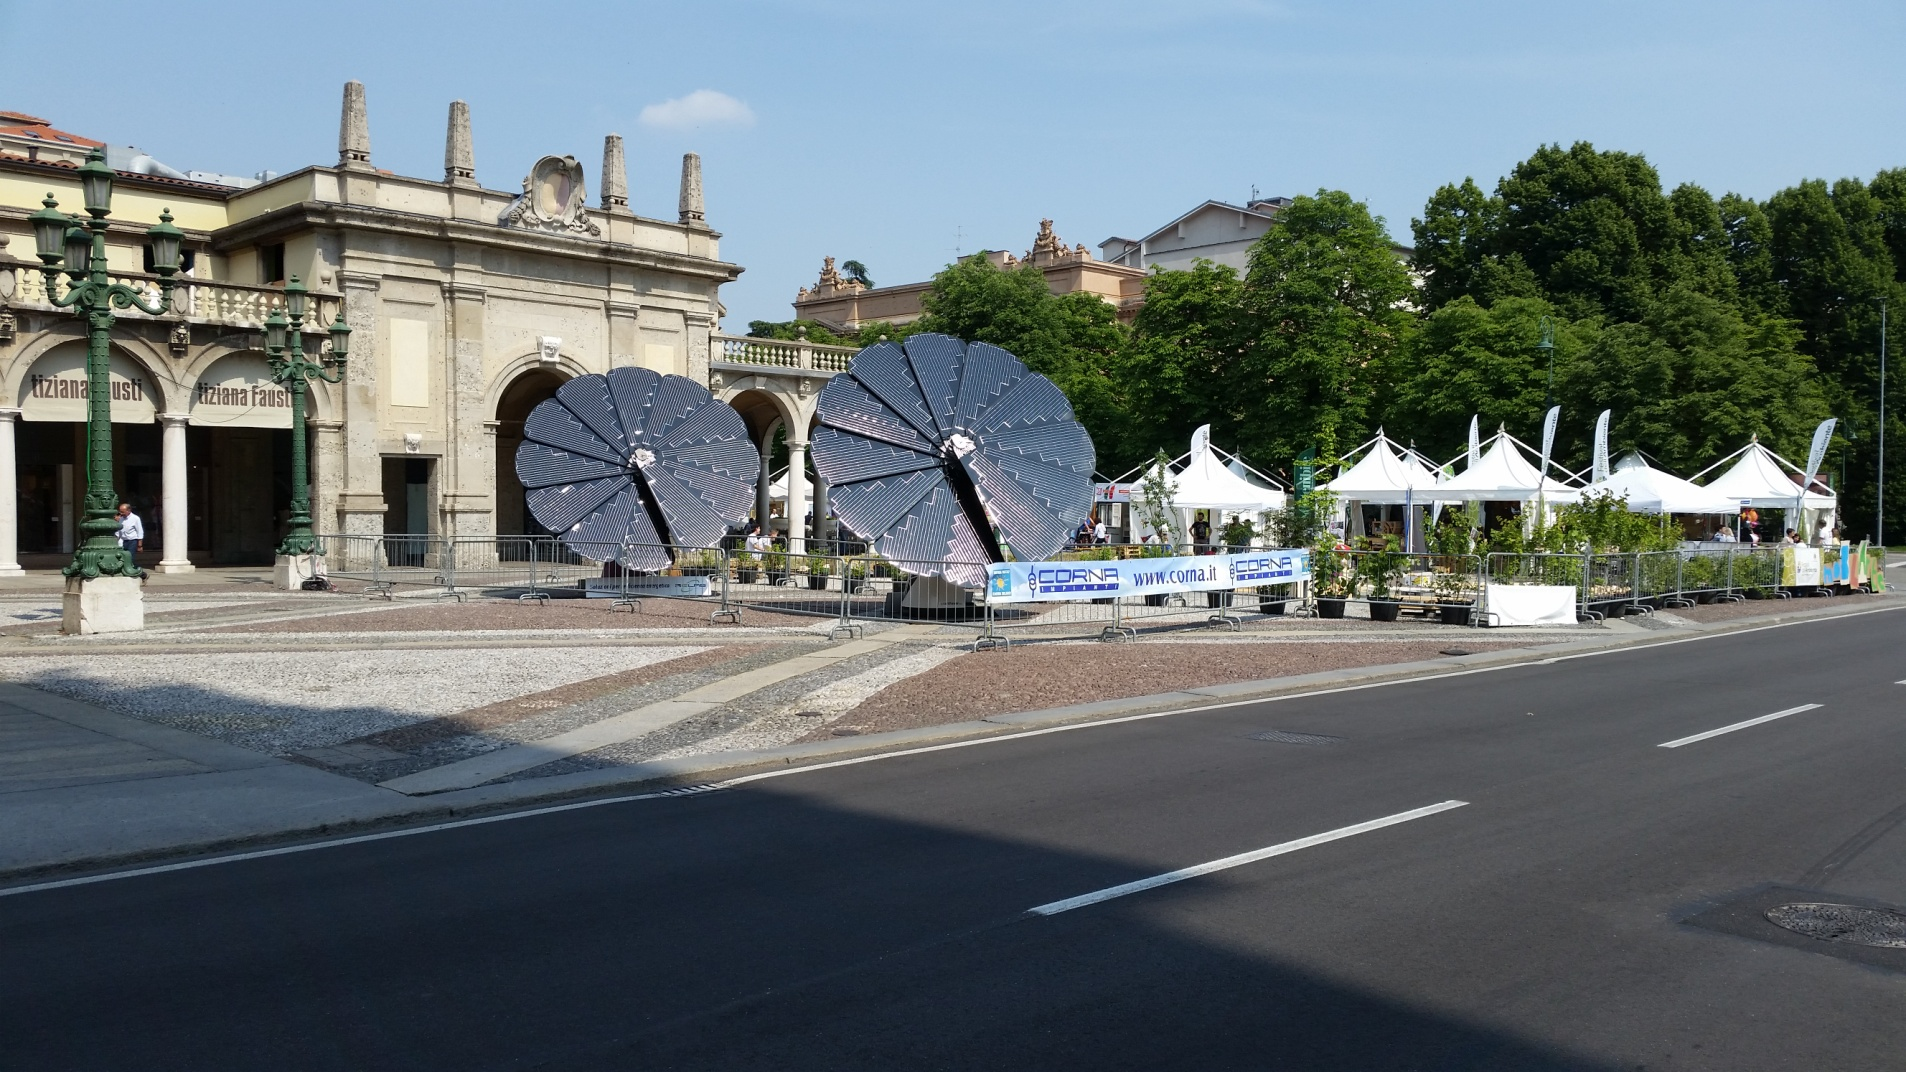 Fiera fotovoltaico ed eventi corna impianti srl bergamo for Fiera arredamento bergamo